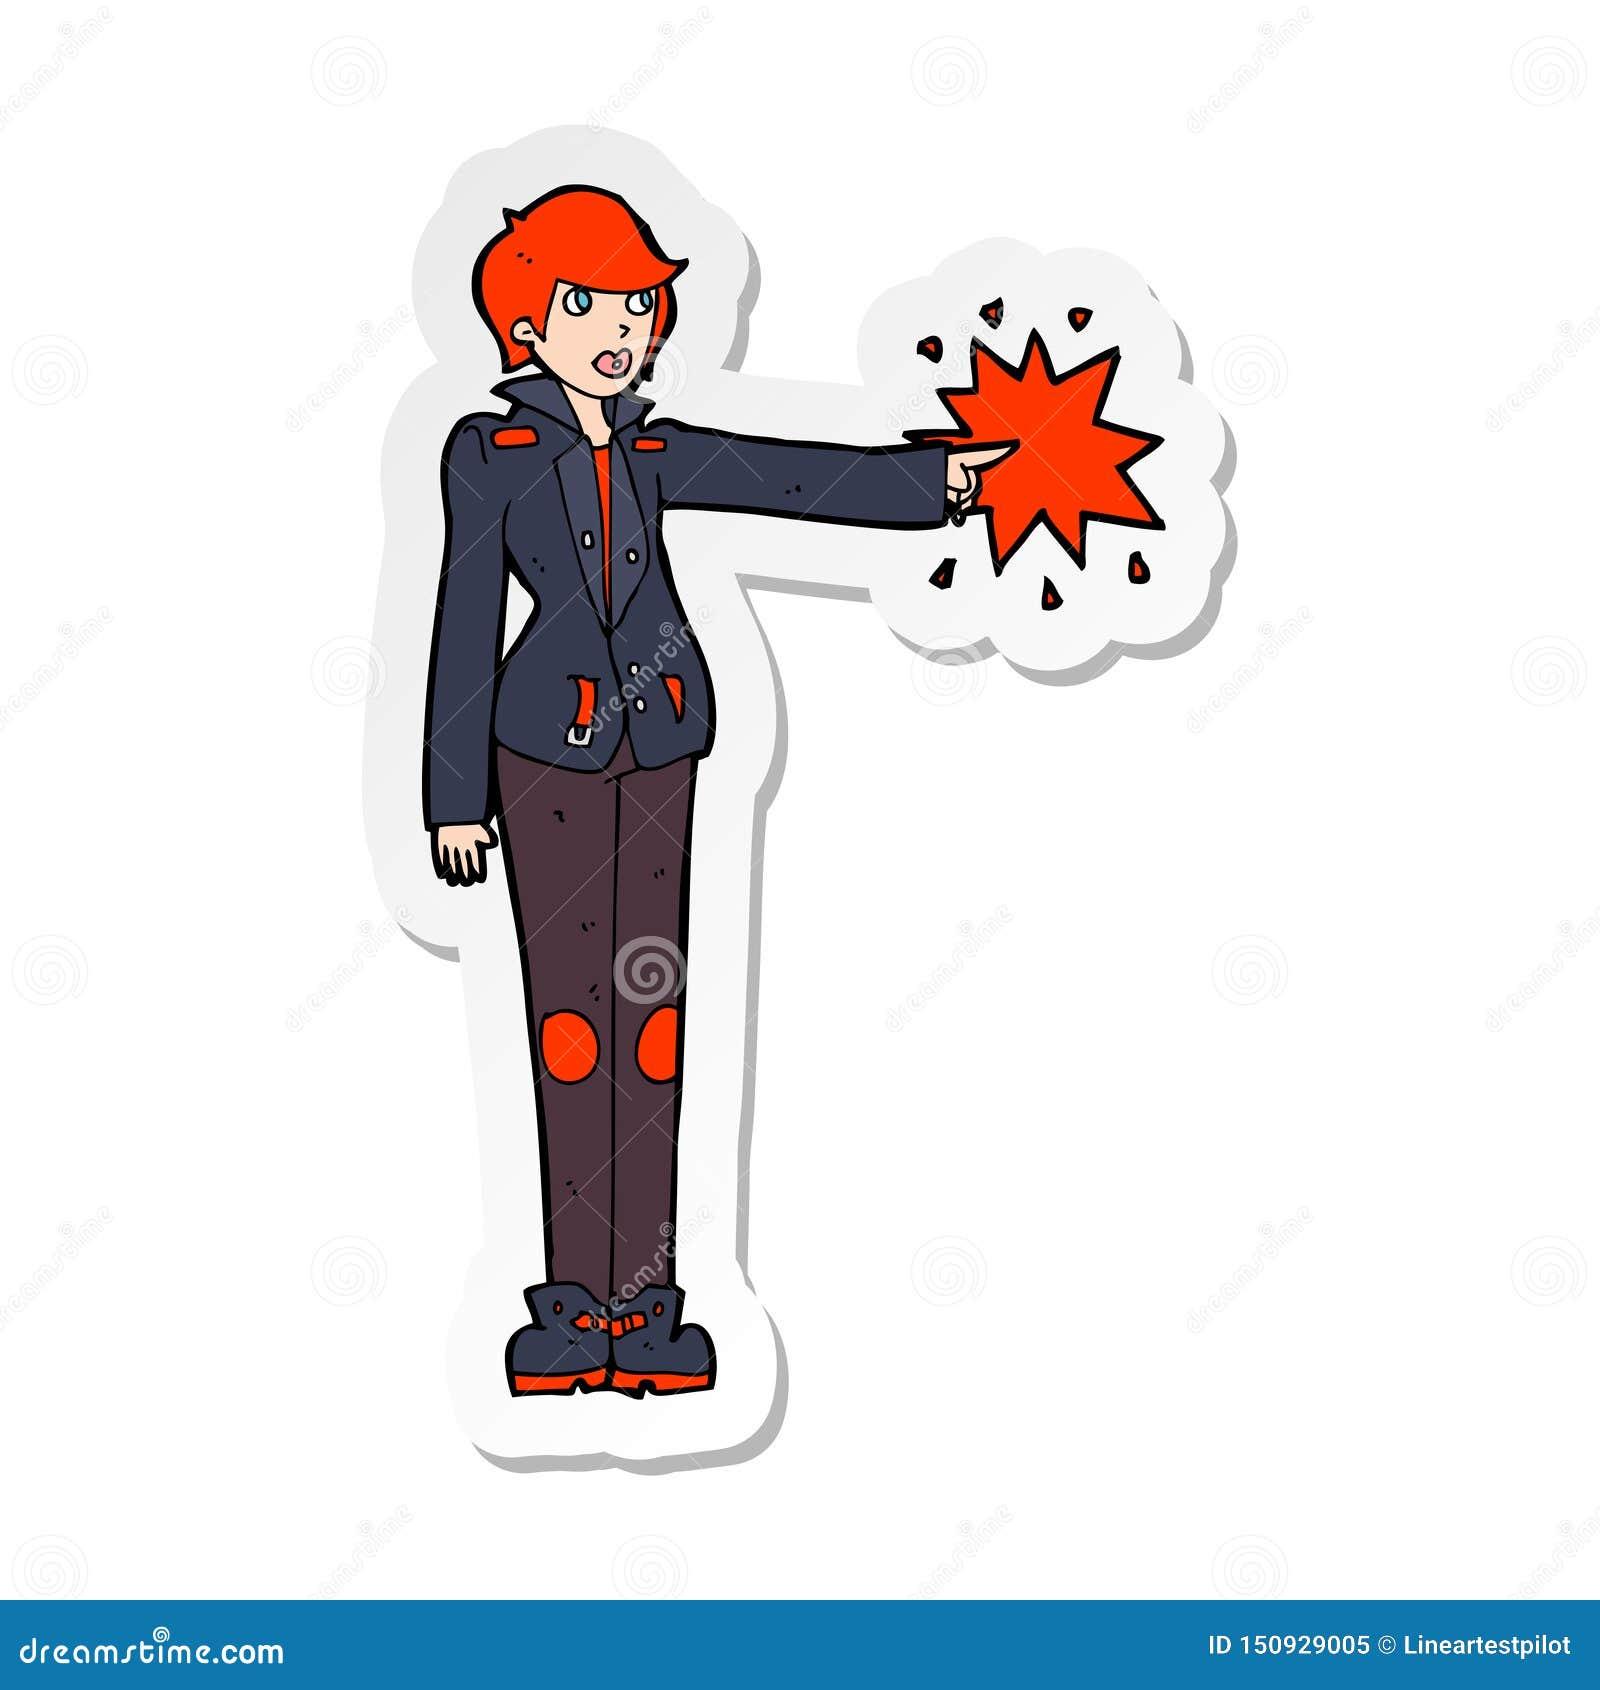 A creative sticker of a cartoon biker woman pointing